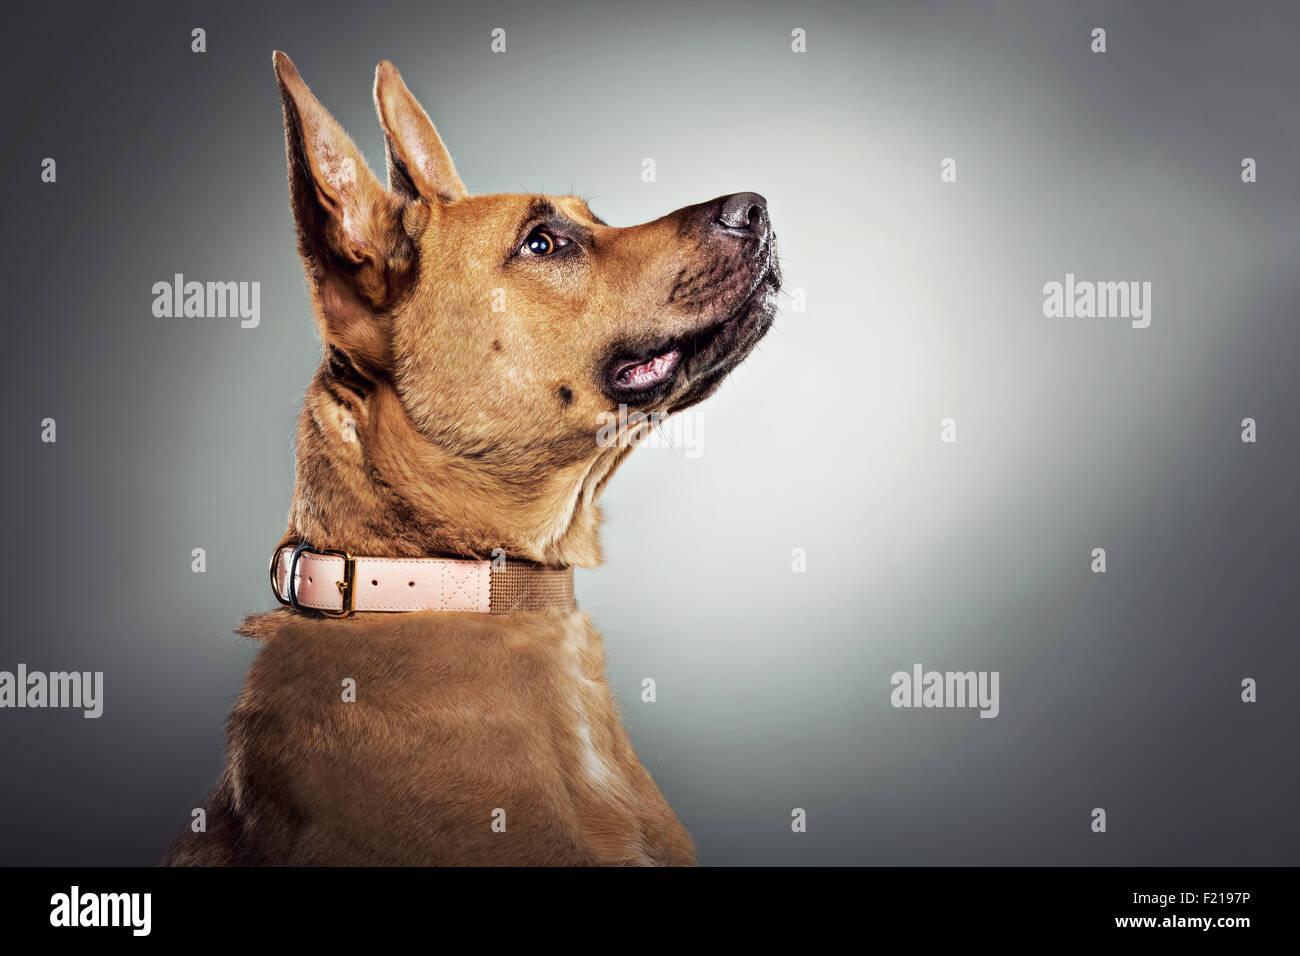 Profil des Deutschen Schäferhundes im Studio. Stockbild